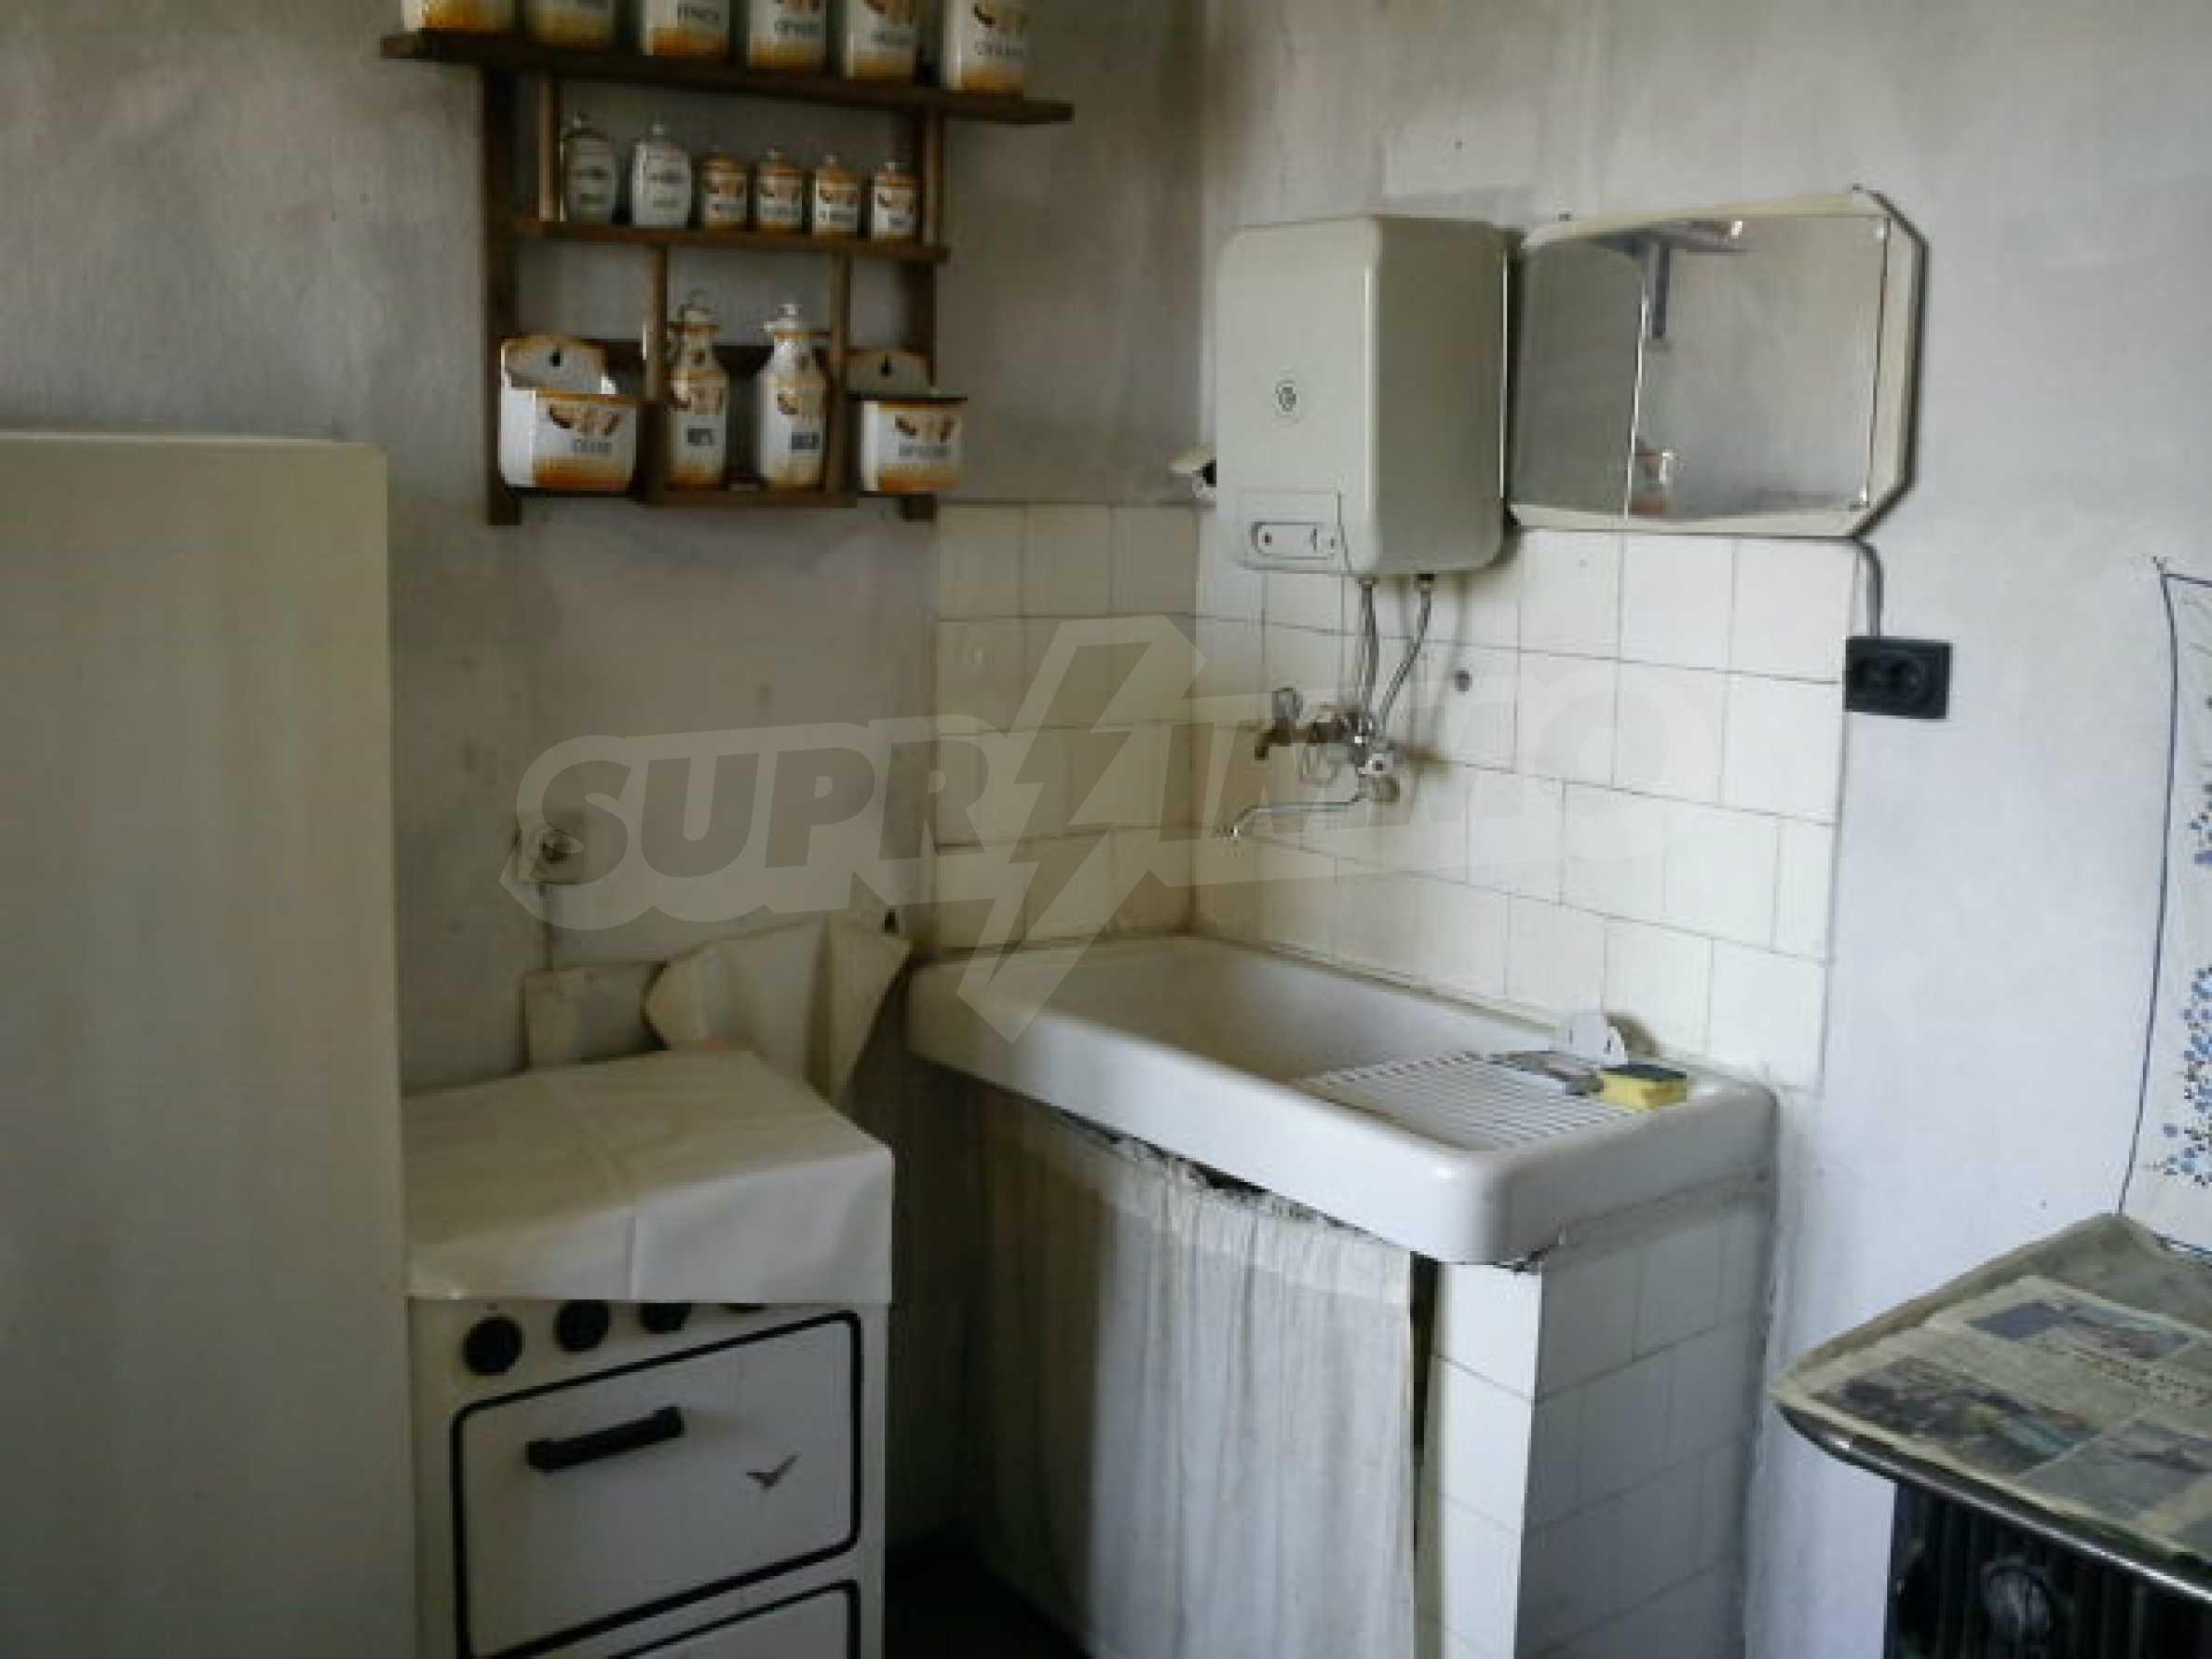 Zweiter Stock eines Hauses im Zentrum von Veliko Tarnovo 10